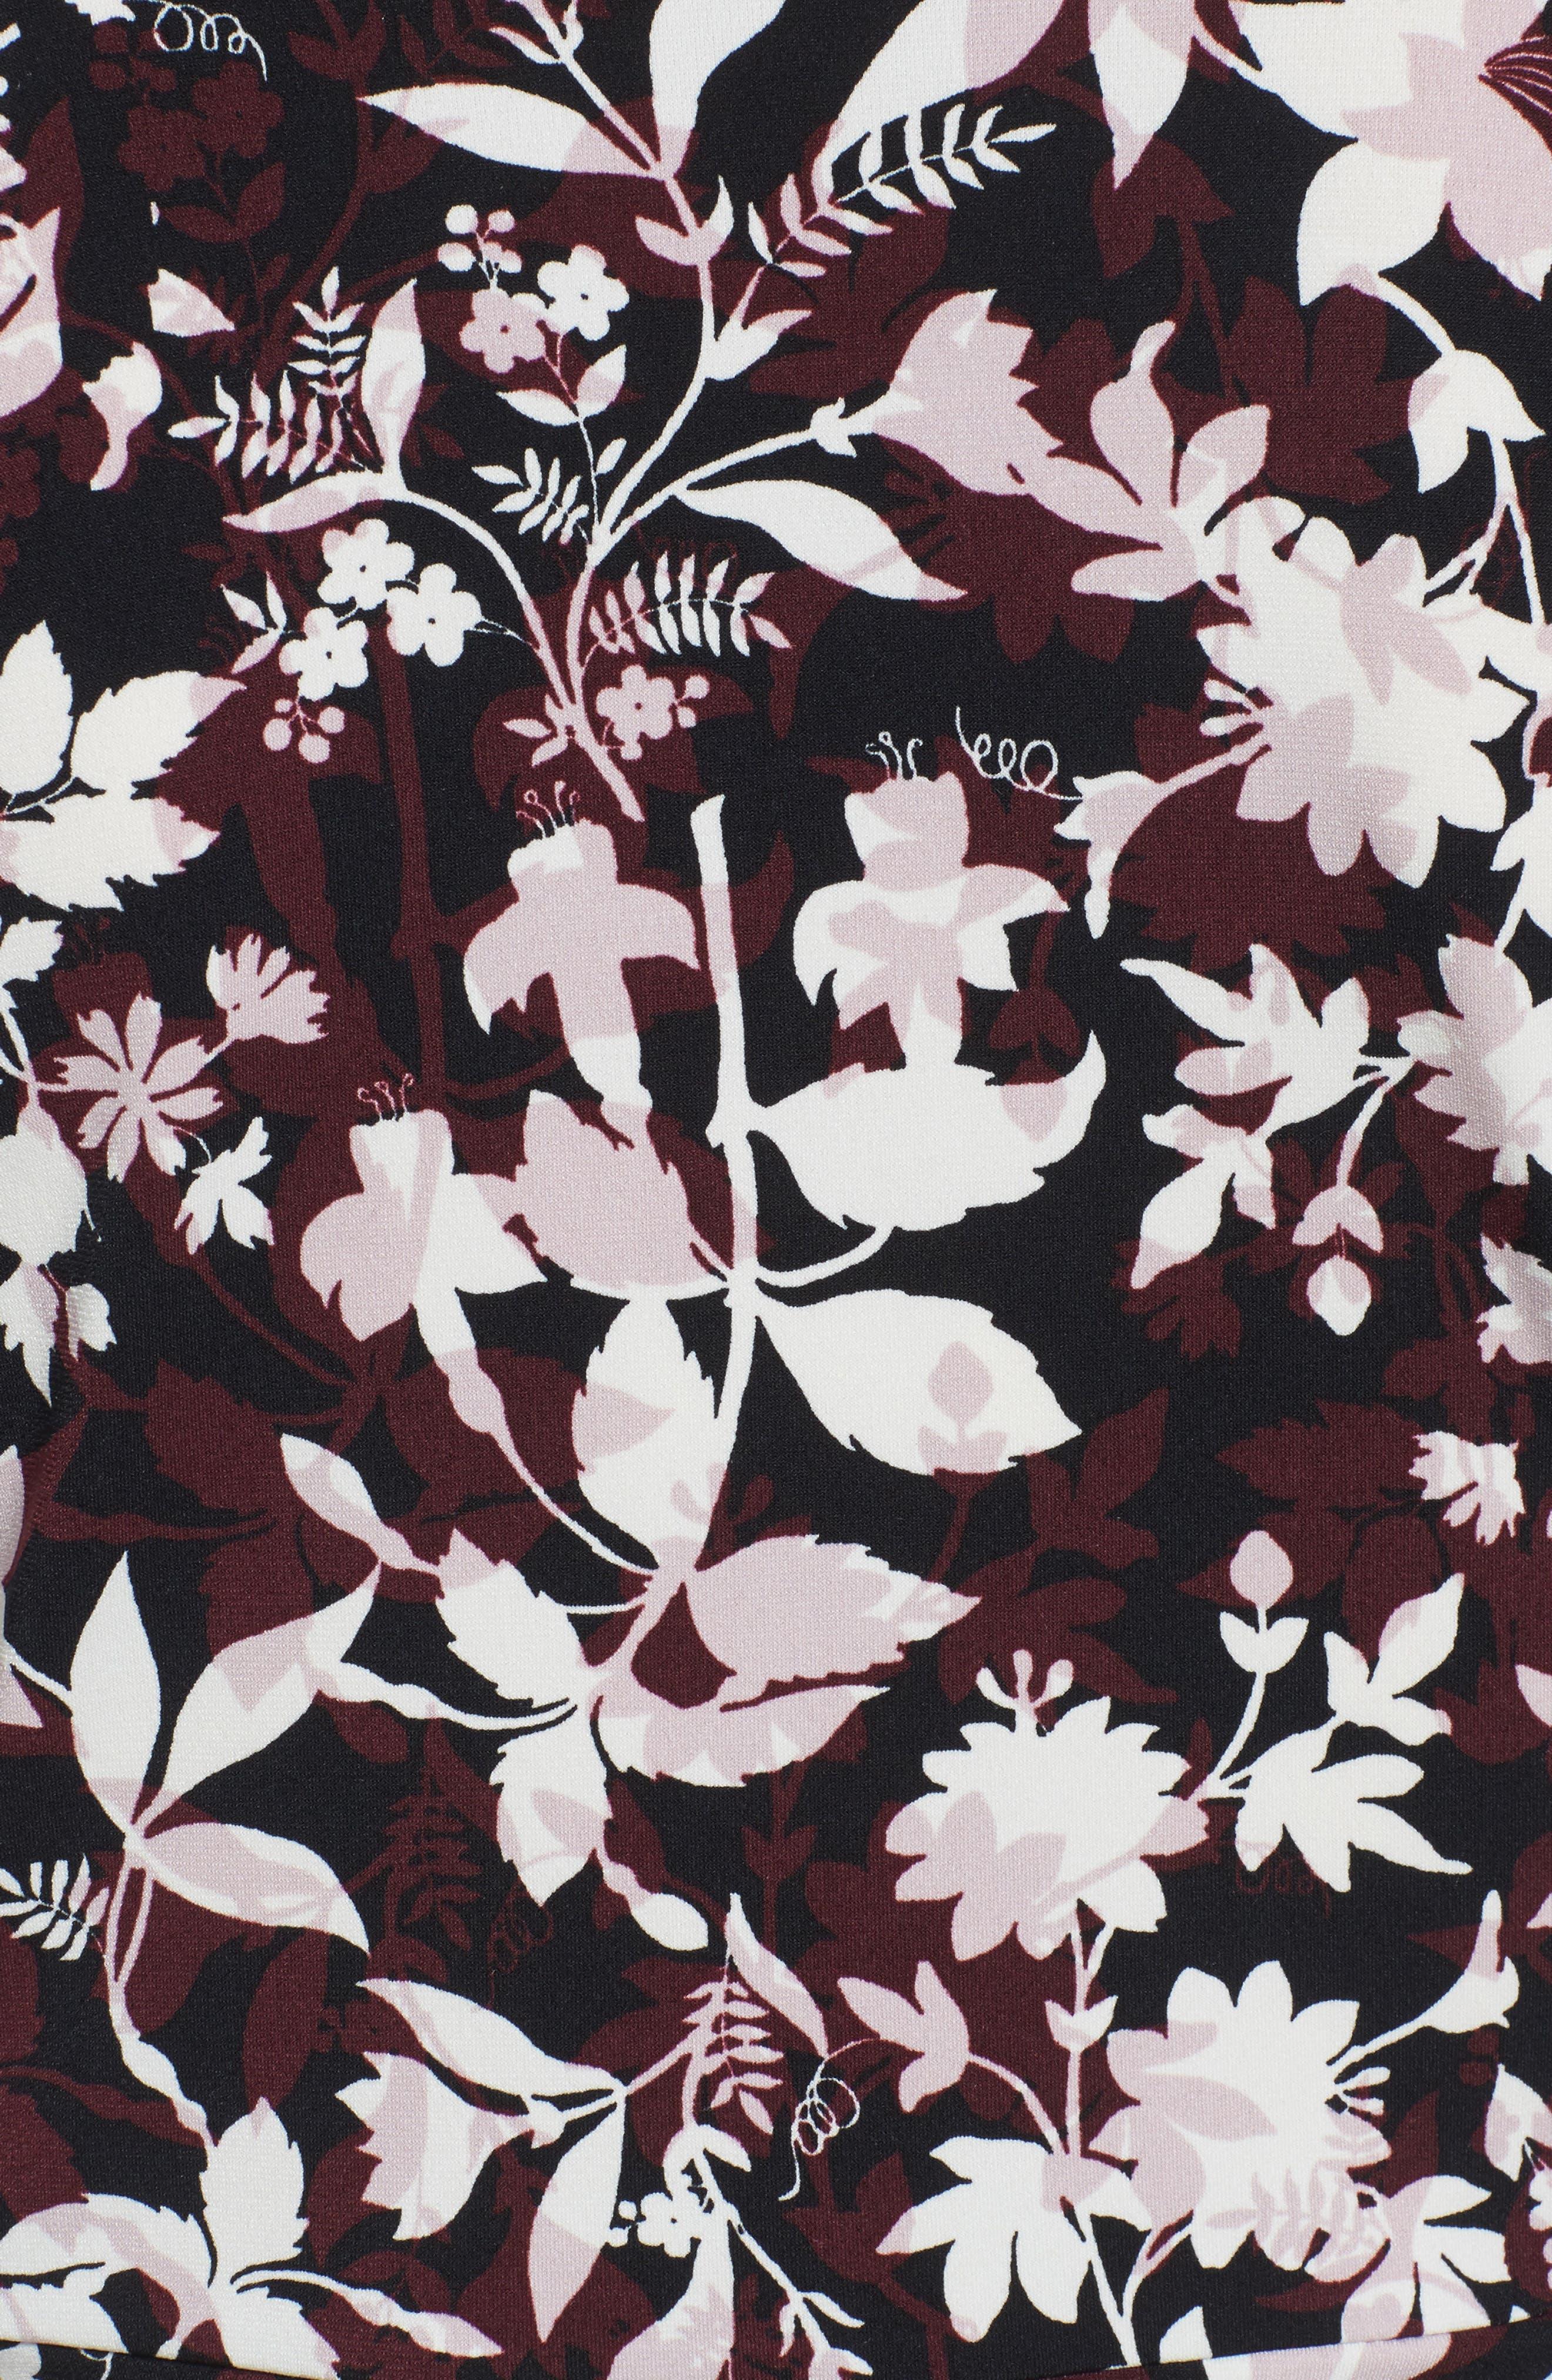 Palace Vines Faux Wrap Top,                             Alternate thumbnail 10, color,